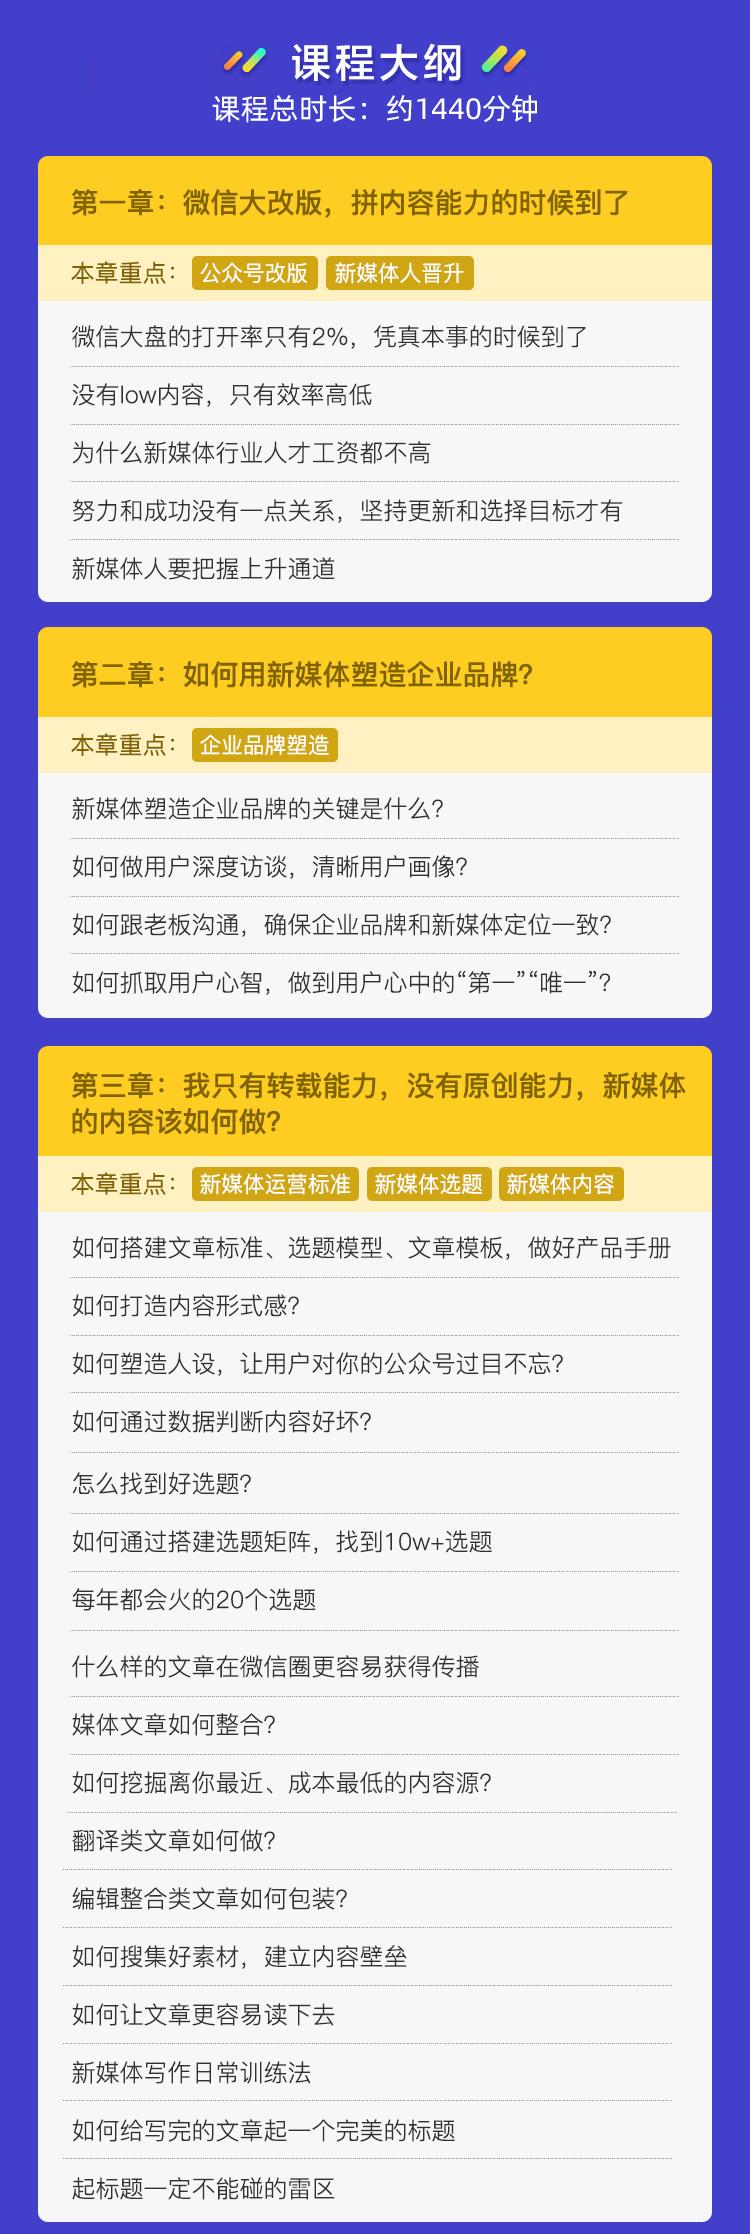 http://mtedu-img.oss-cn-beijing-internal.aliyuncs.com/ueditor/20191113113639_258511.png